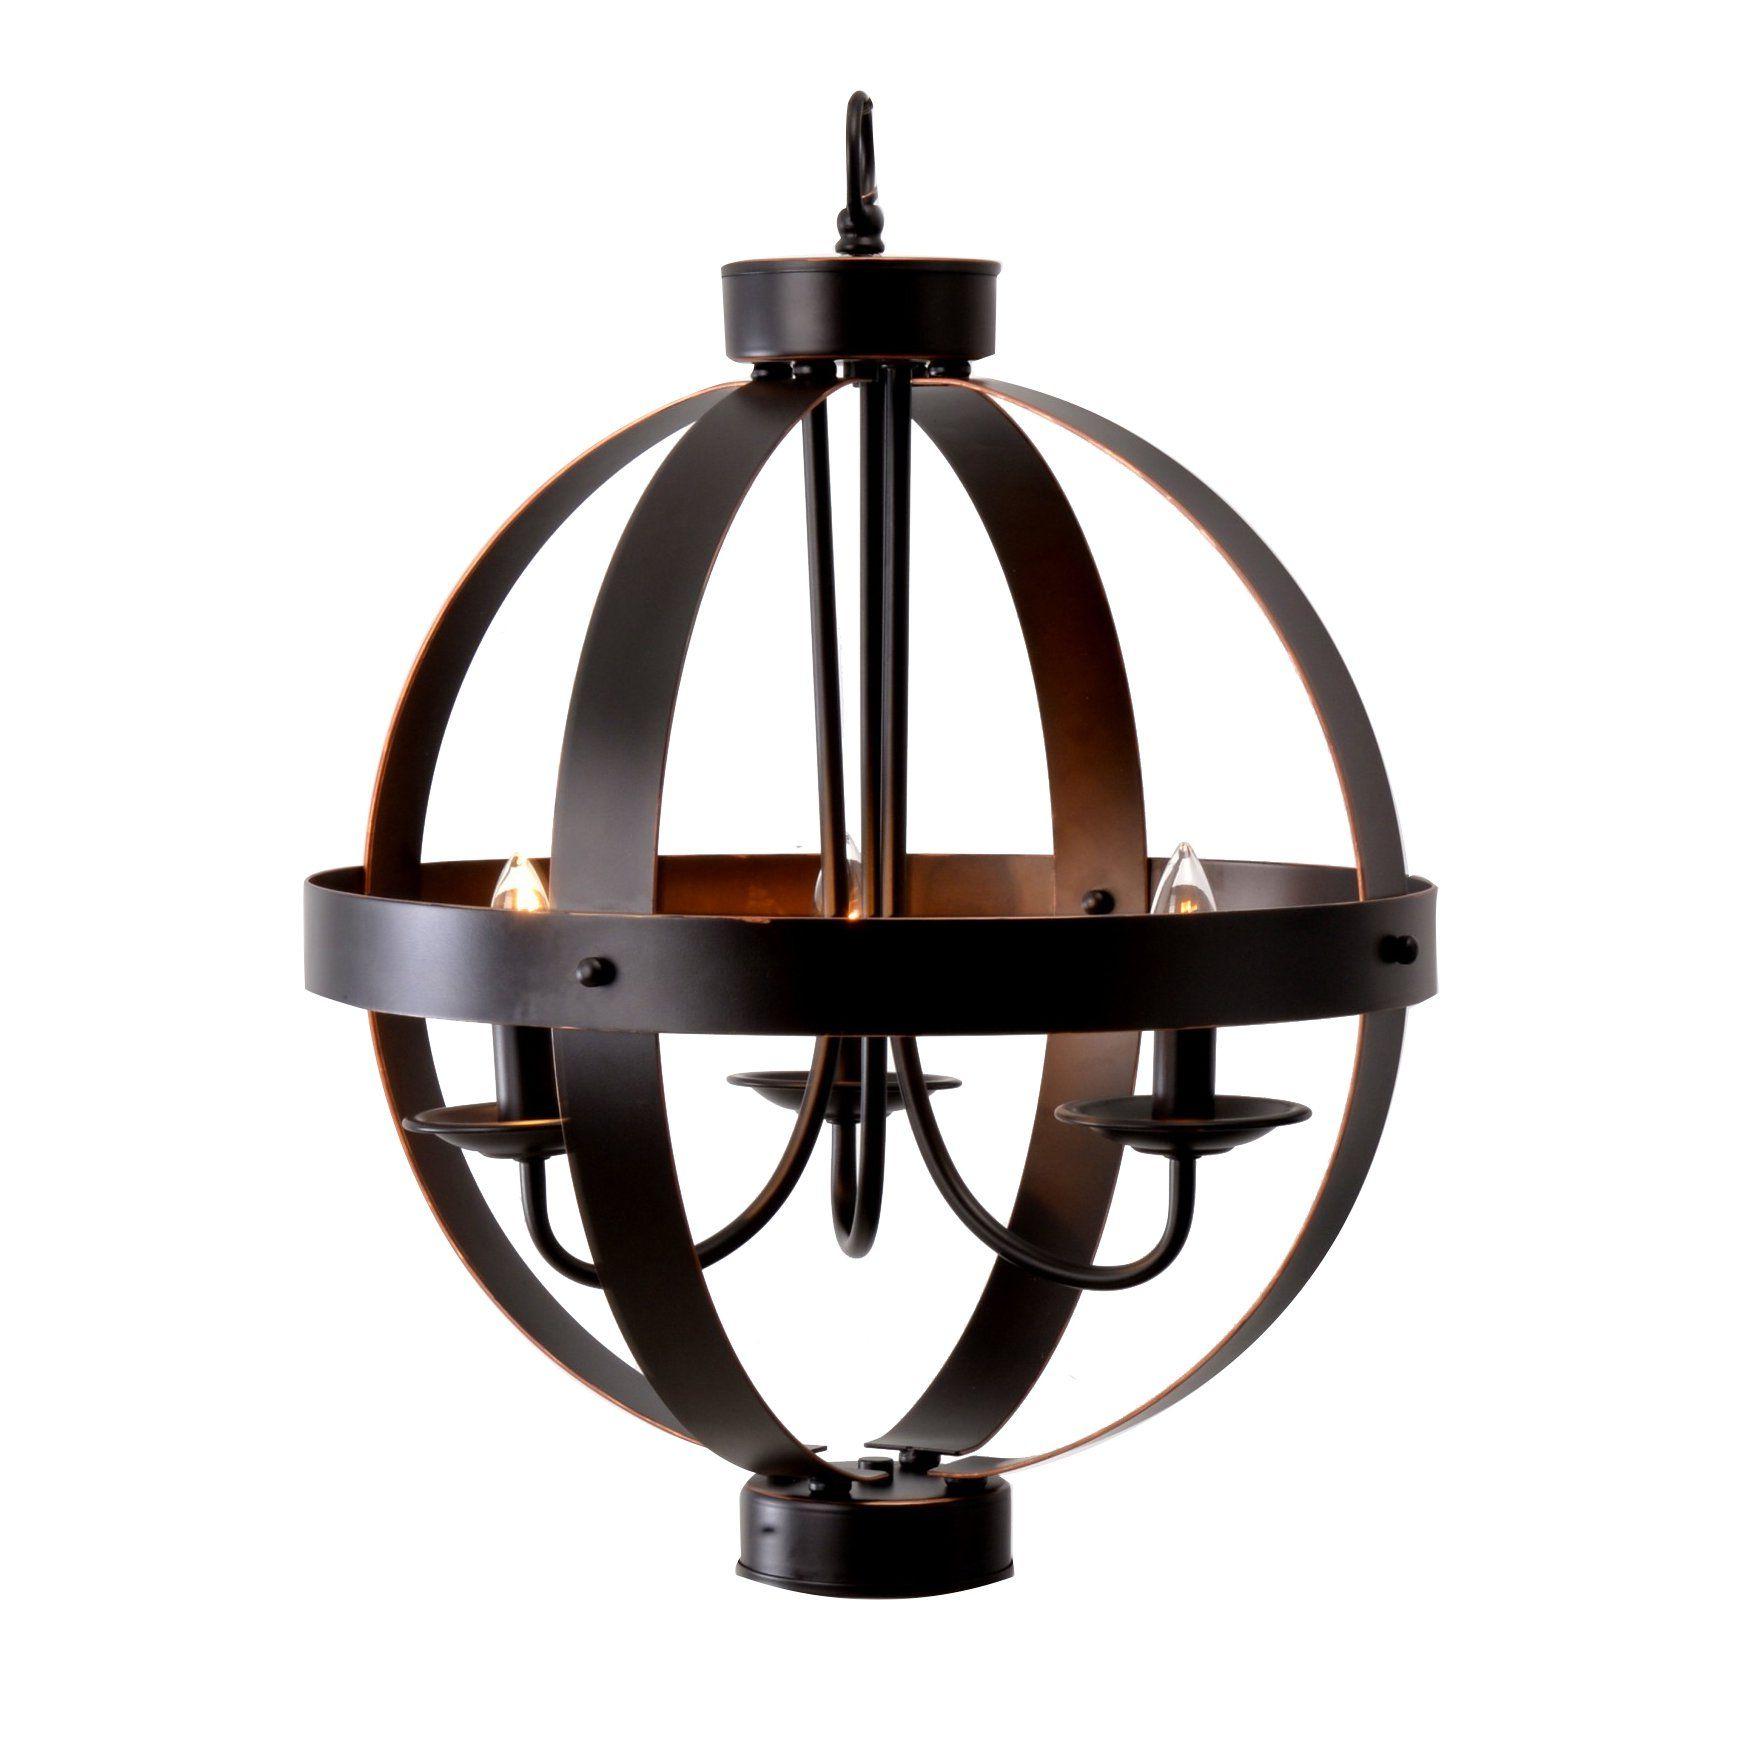 La Sarre 3 Light Globe Chandelier Inside Fashionable La Sarre 3 Light Globe Chandeliers (View 7 of 20)